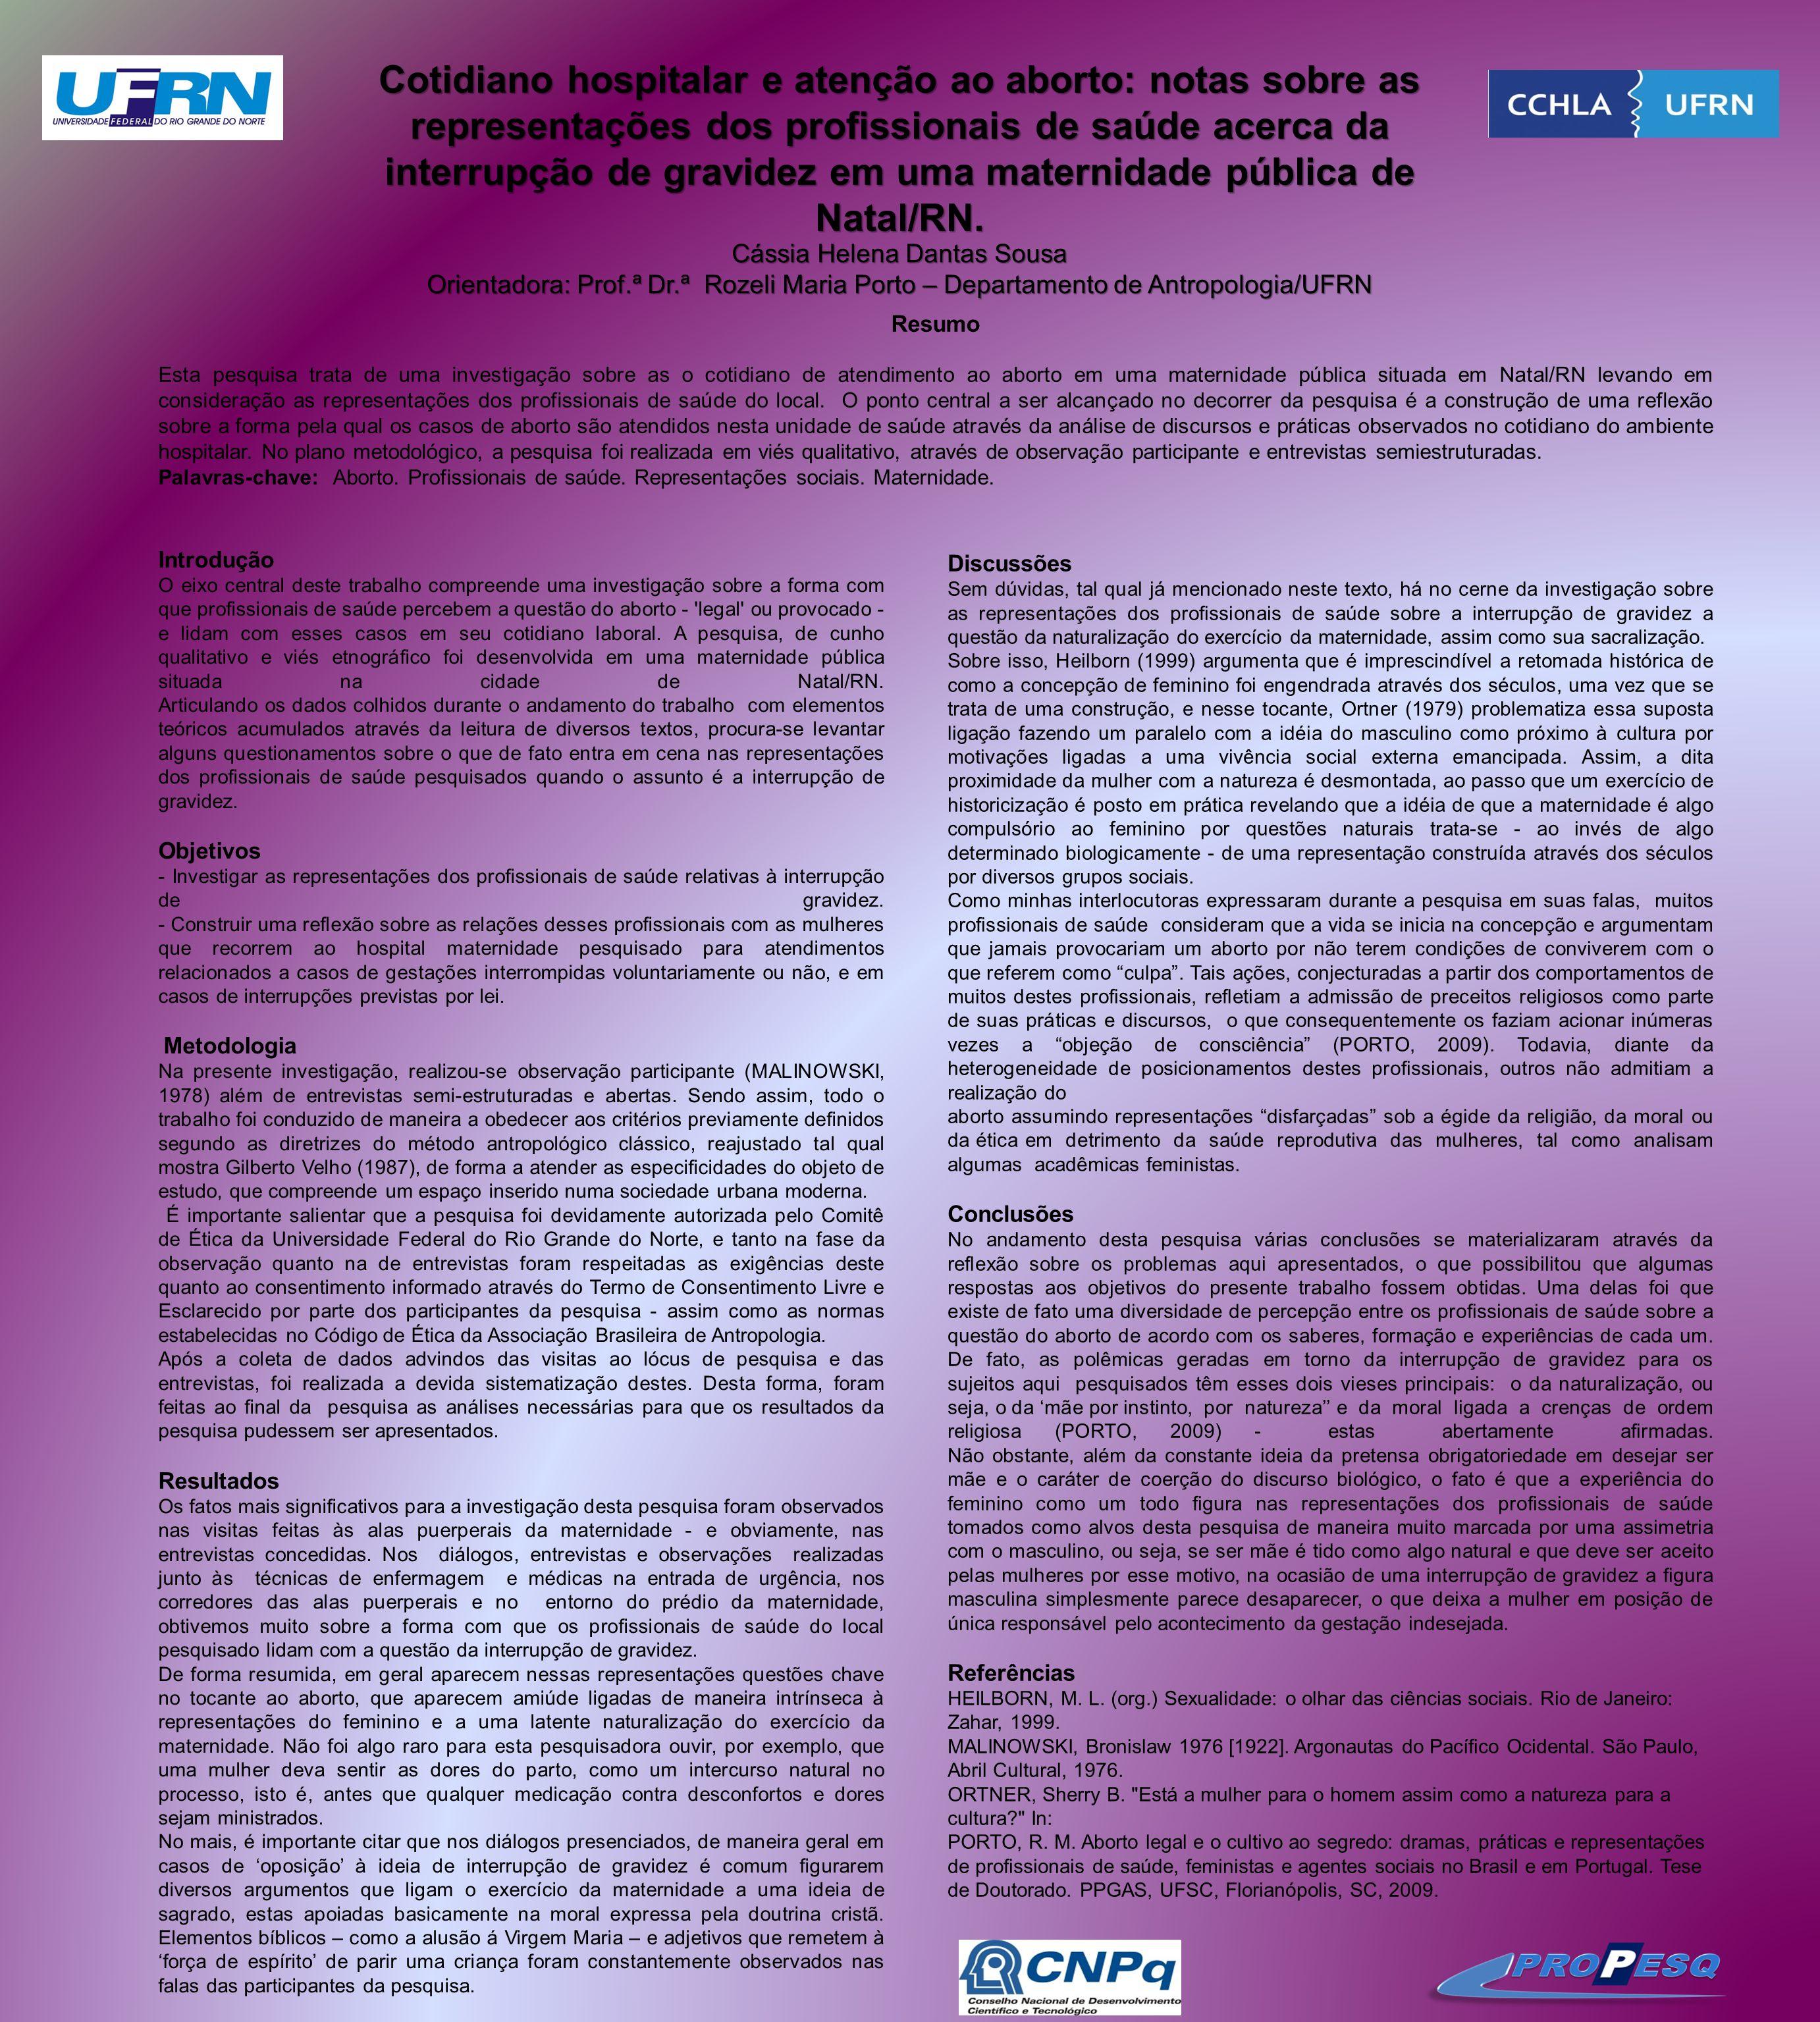 Cotidiano hospitalar e atenção ao aborto: notas sobre as representações dos profissionais de saúde acerca da interrupção de gravidez em uma maternidade pública de Natal/RN.